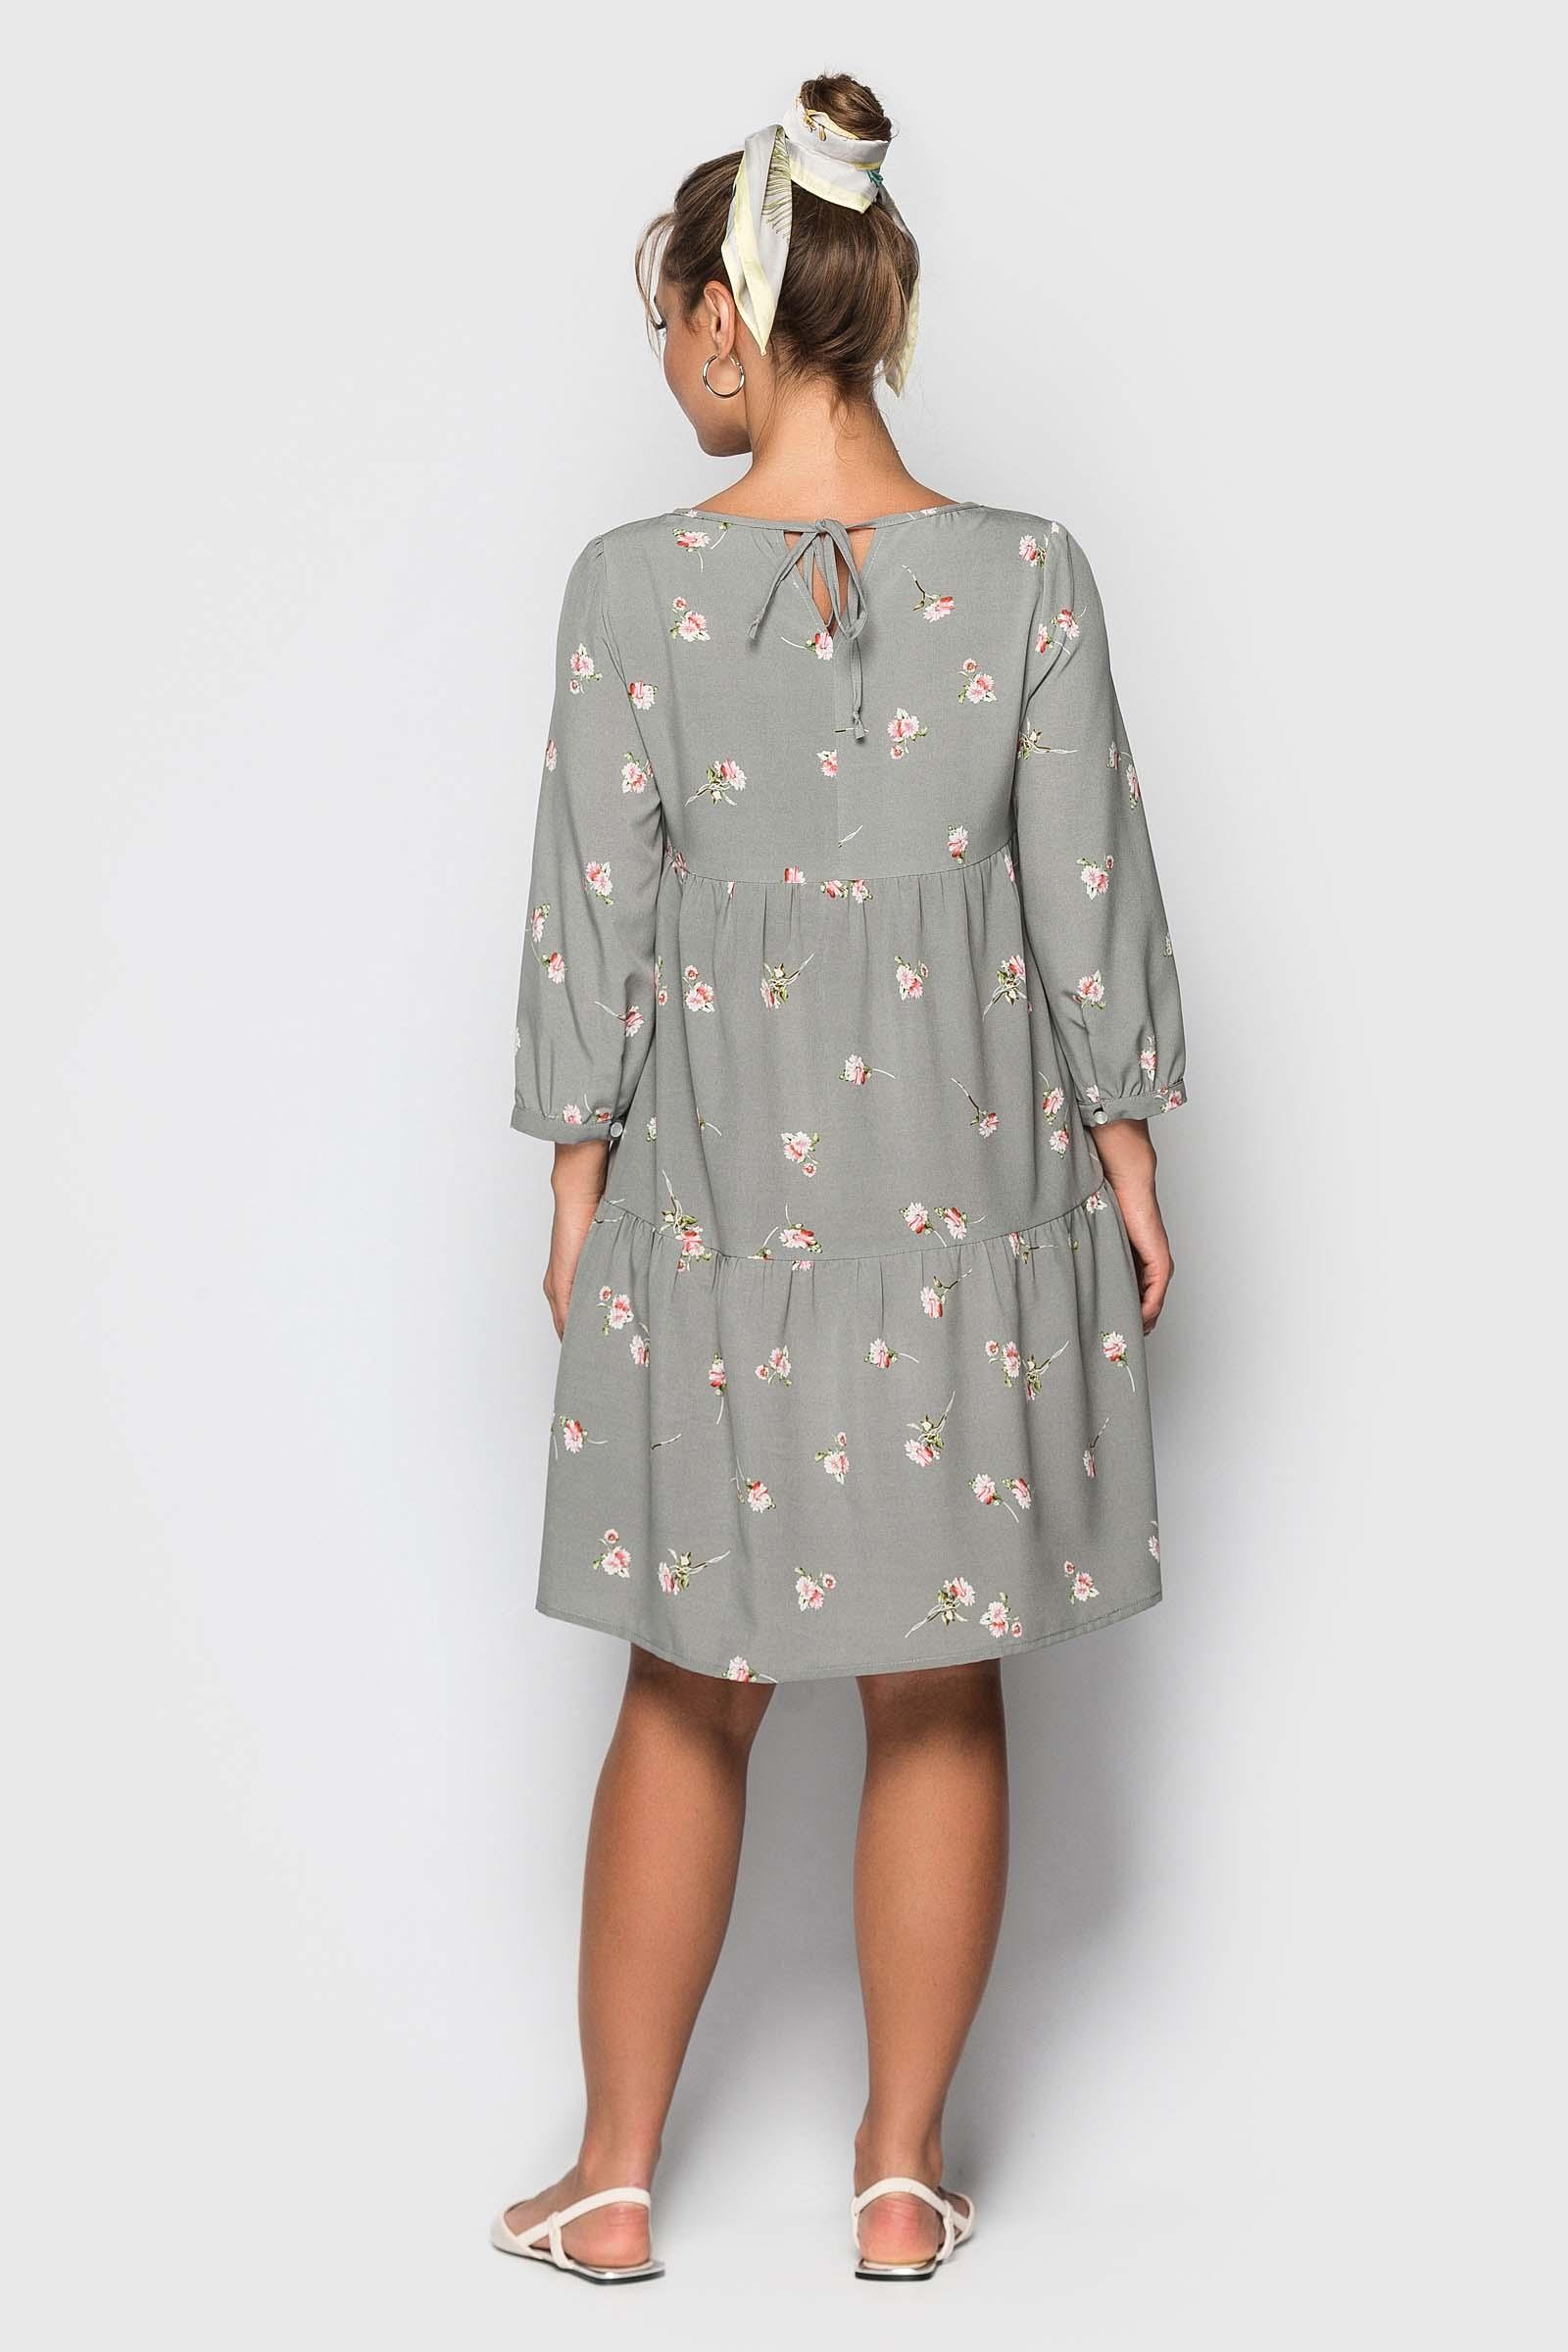 2020 01 23 337407 Купить платье